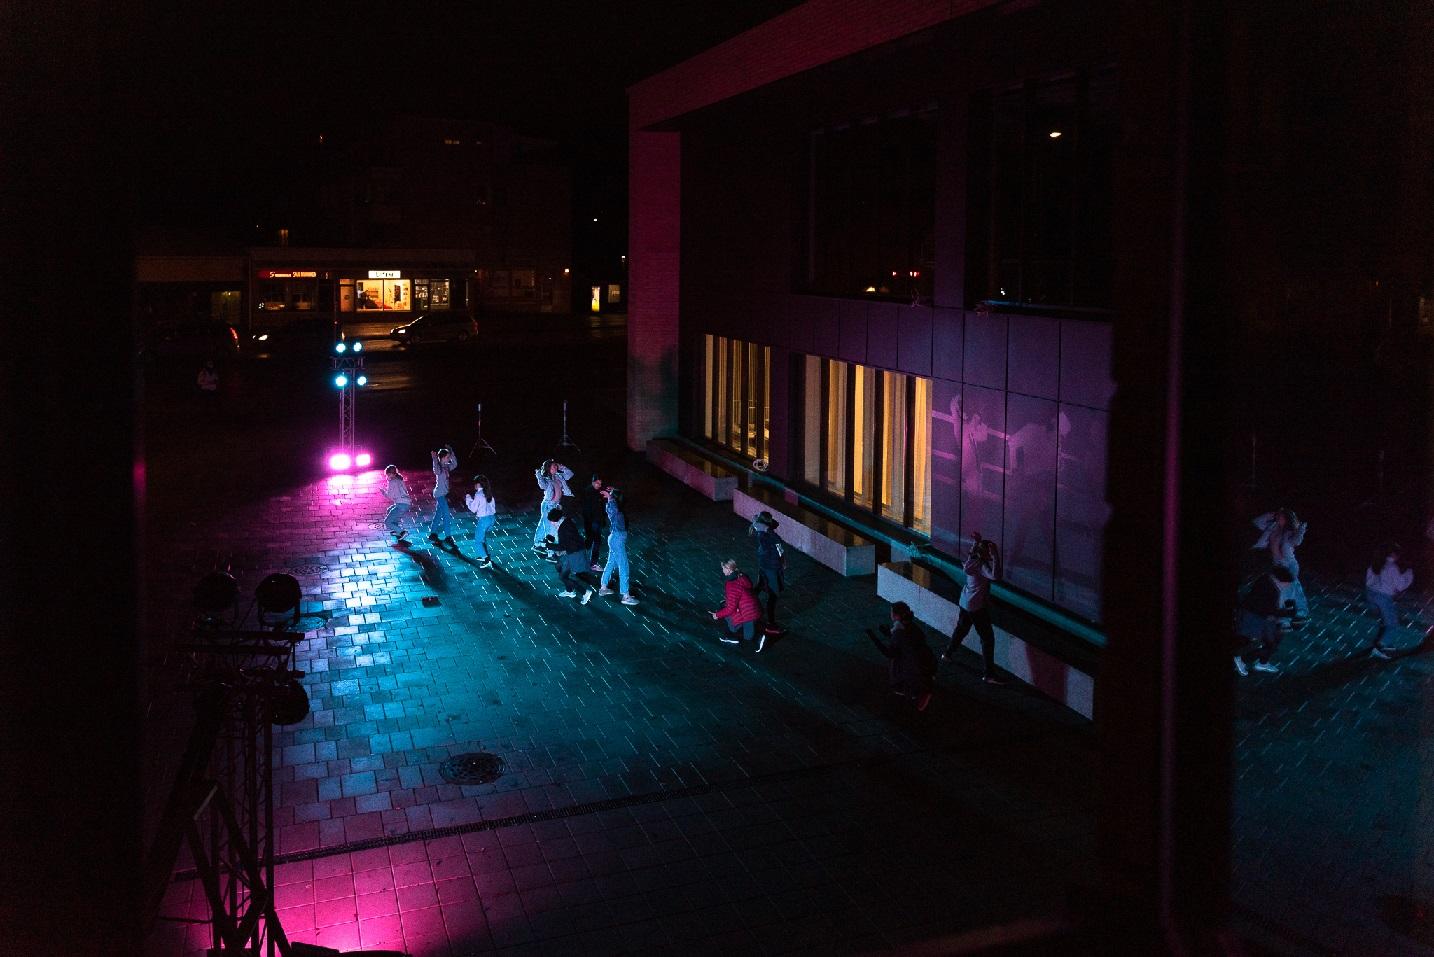 Tanssijoita Musiikkikampuksen etuoven edessä sinisessä ja violetissa valossa.